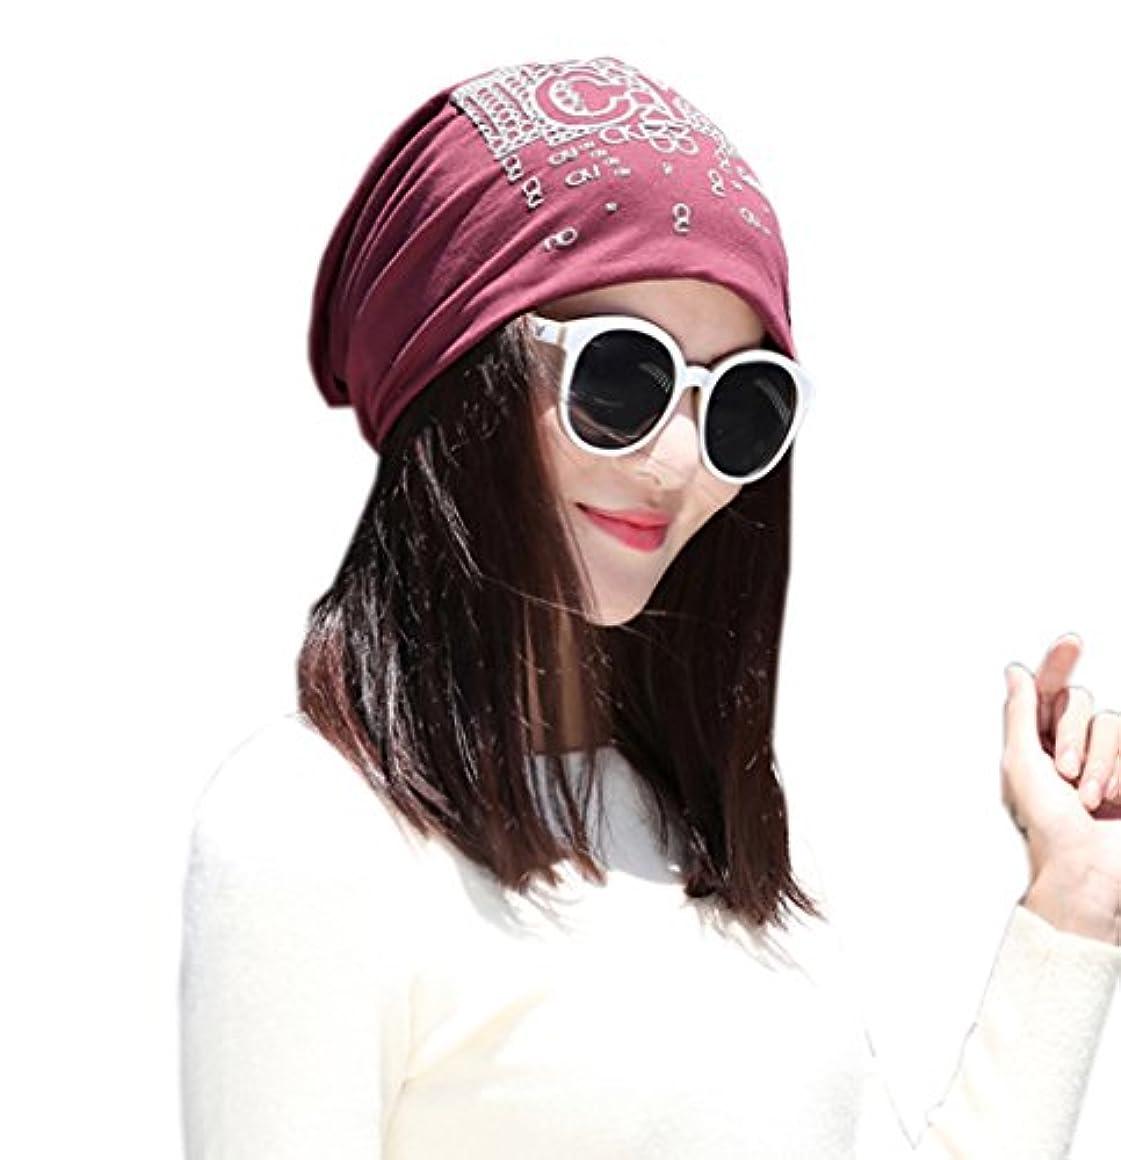 予算眉をひそめる放つfulaixi秋冬春用 流行のニット帽 ストライプ オーガニック ガーゼ ソフトニット 帽子 ディース 医療用帽子 (ワインレッド)